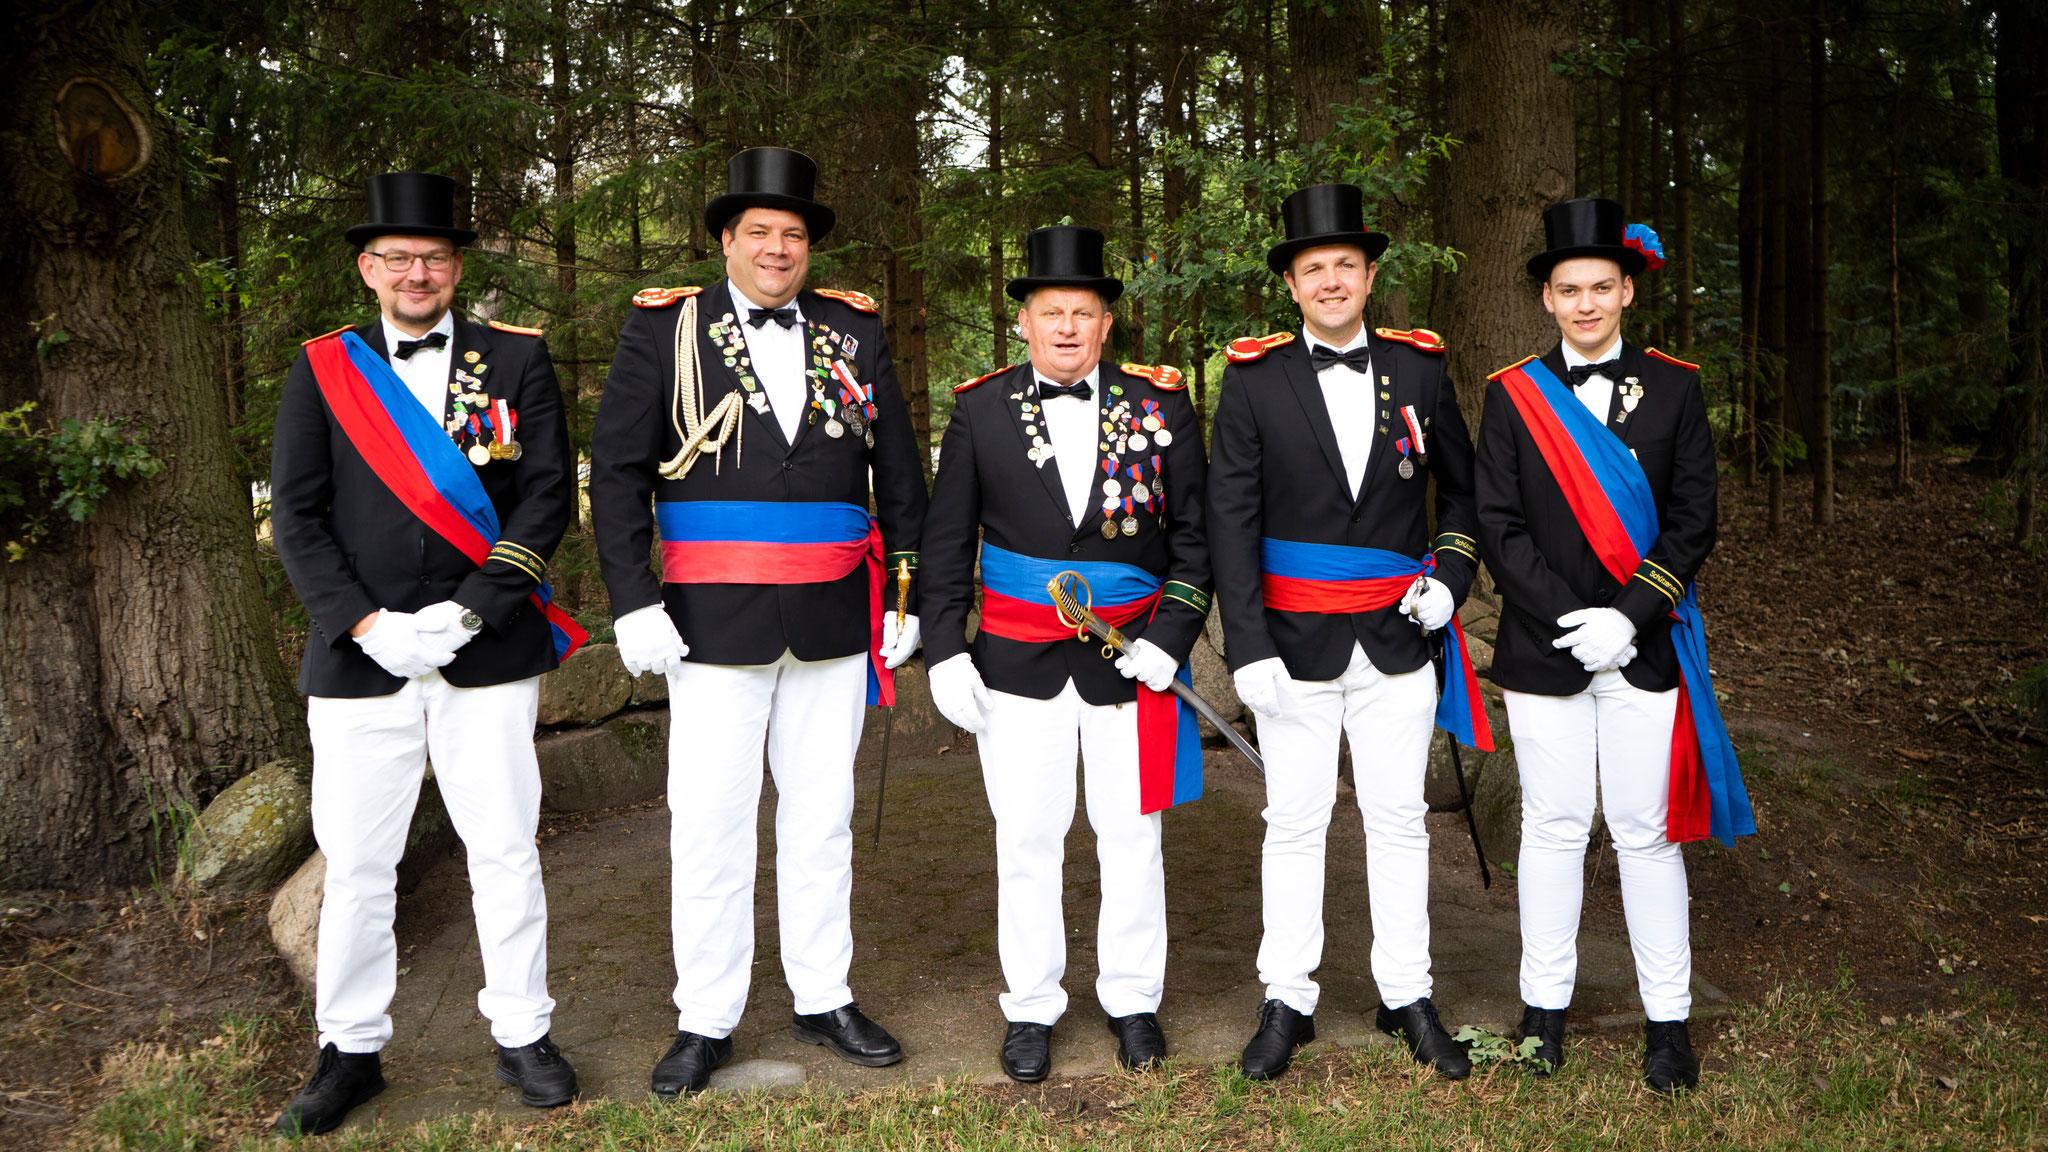 Fähnrich Markus Bergmann, Bataillonskommandeur Stefan Spreche, Kompaniechef Hubert Harpenau, Stellv. Kompaniechef Mike Dreyer, Fähnrich Lukas von Handorff